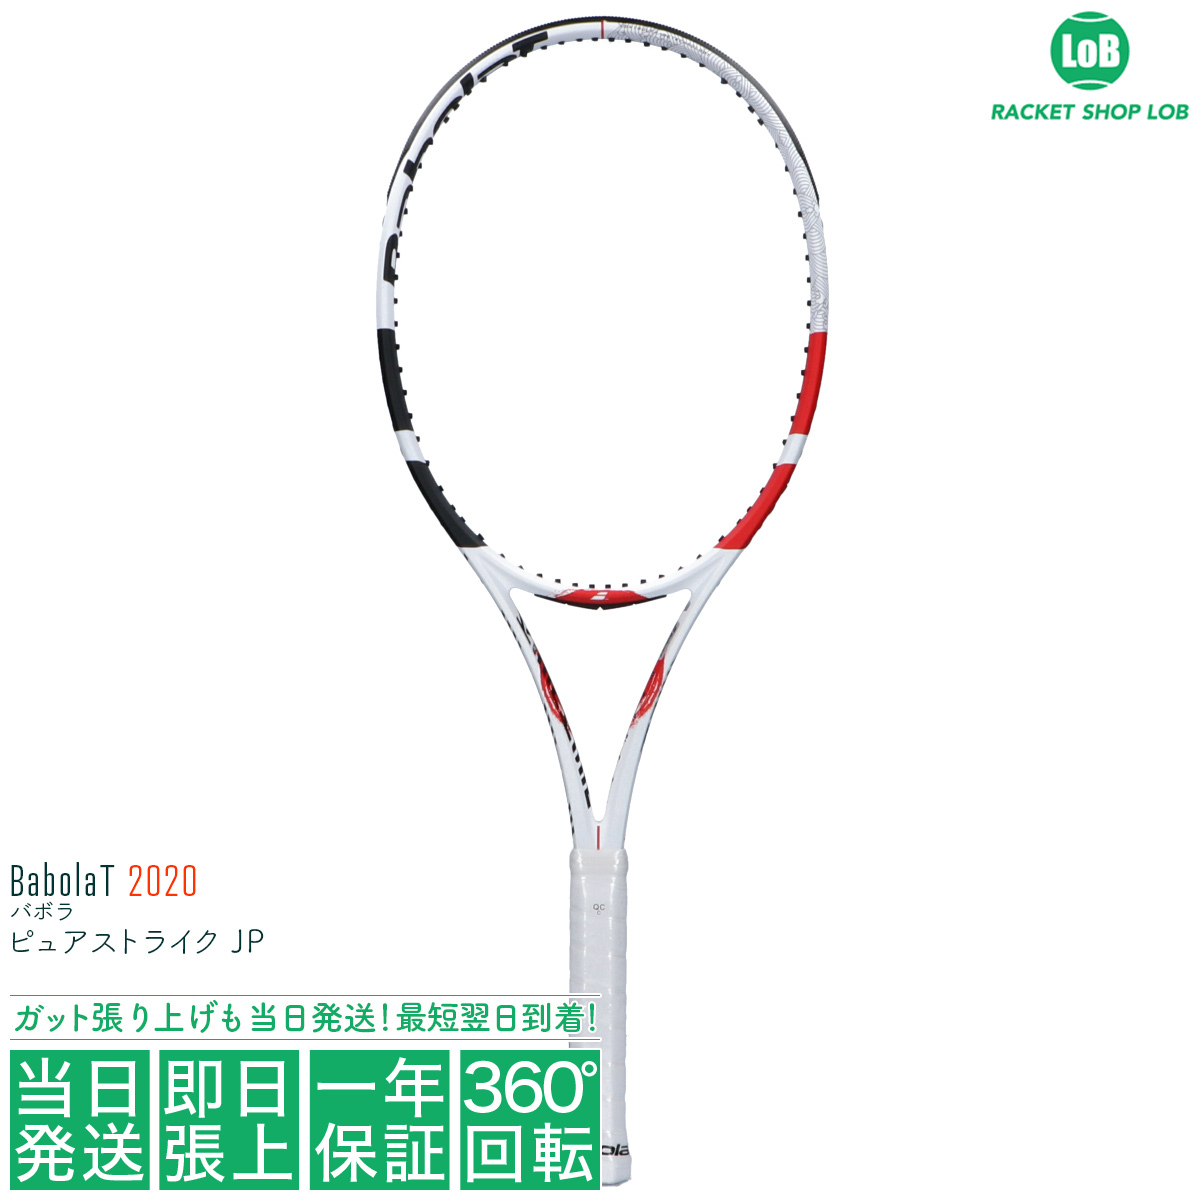 【クーポン利用で5%OFF!】バボラ ピュアストライク フラッグエディション ジャパン 2020(Babolat PURE STRIKE JAPAN FLAG EDITION)305g 101424 硬式テニスラケット